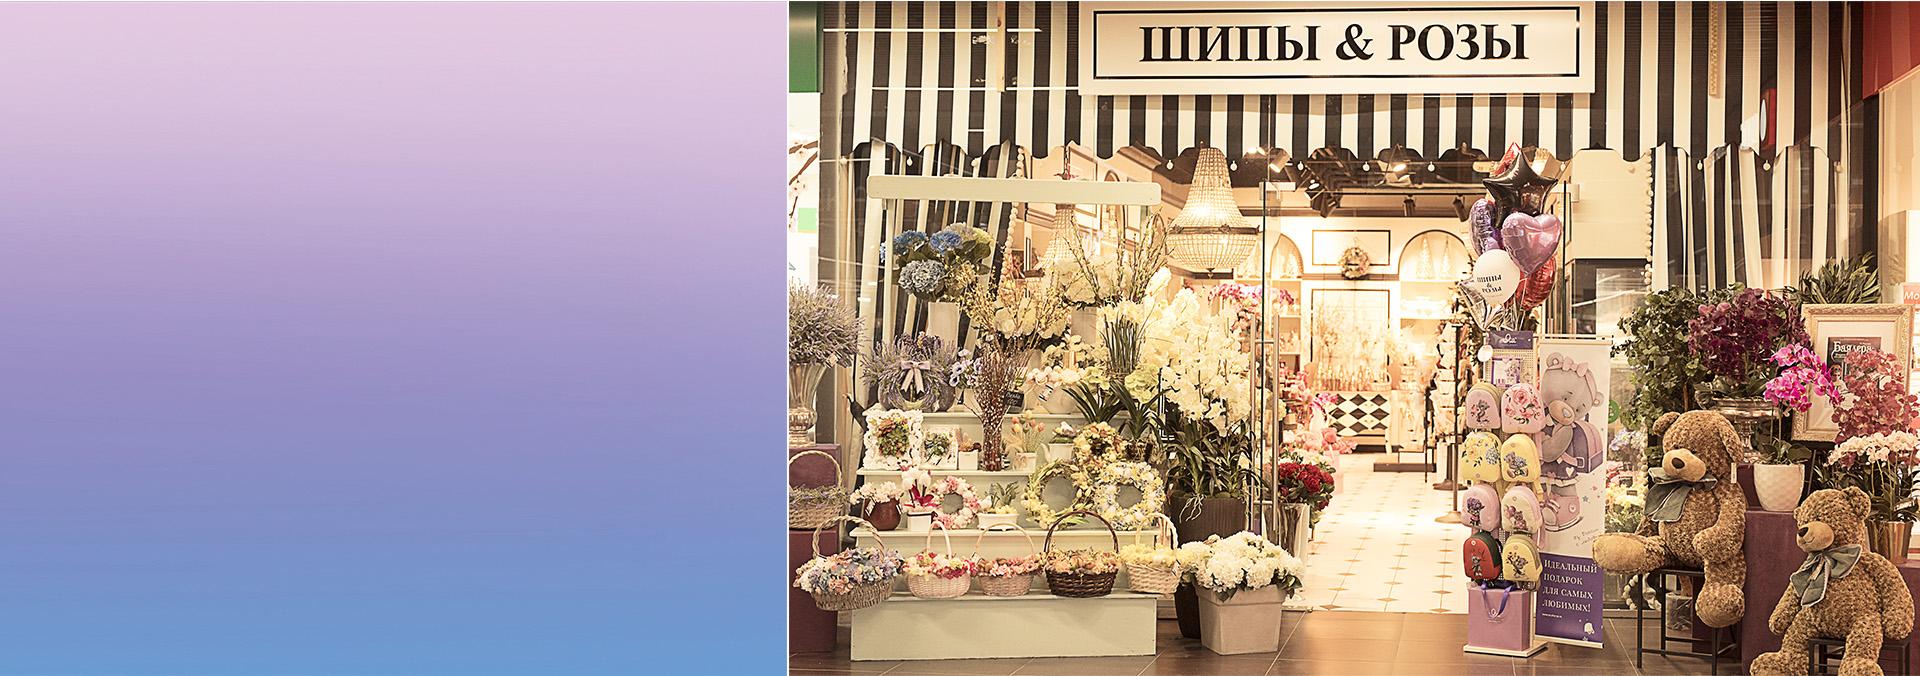 Сеть салонов цветов и подарков «Шипы и Розы»